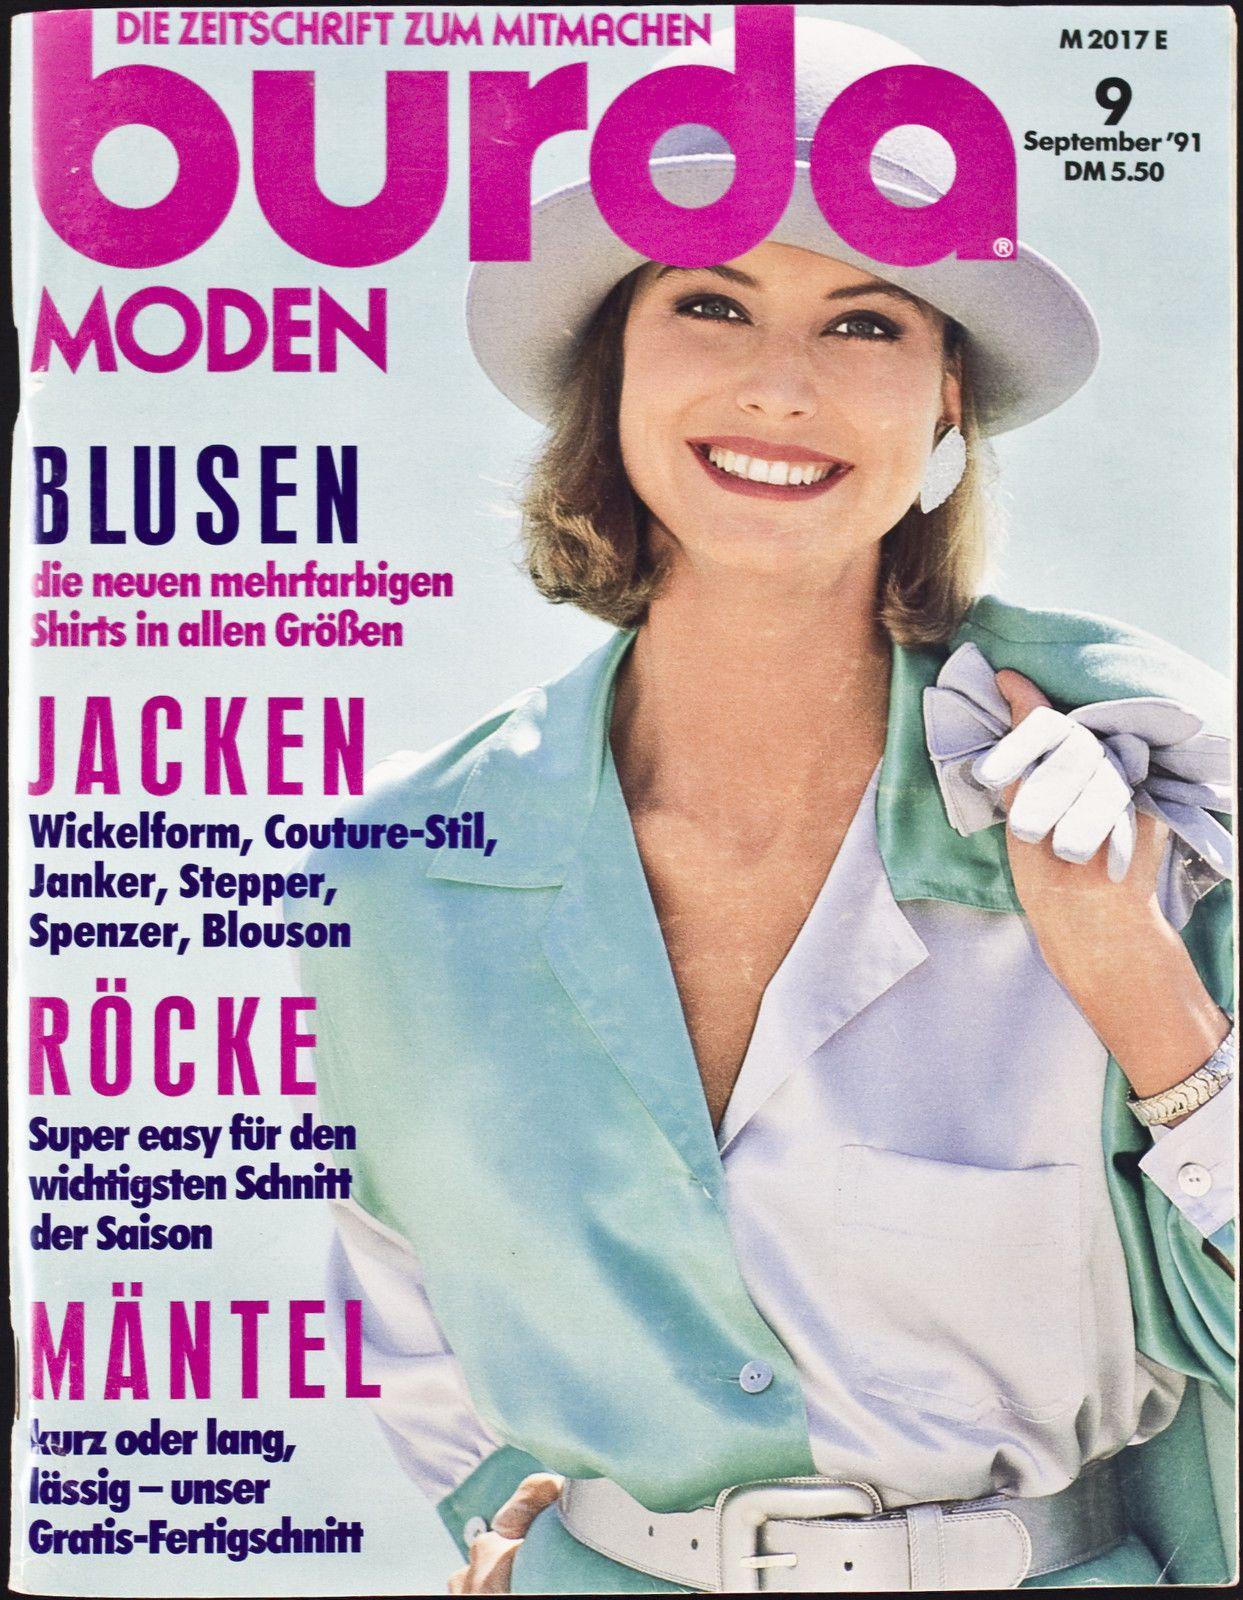 Burda Moden 09.1991 in Libros, revistas y cómics, Revistas, Moda y estilo de vida   eBay